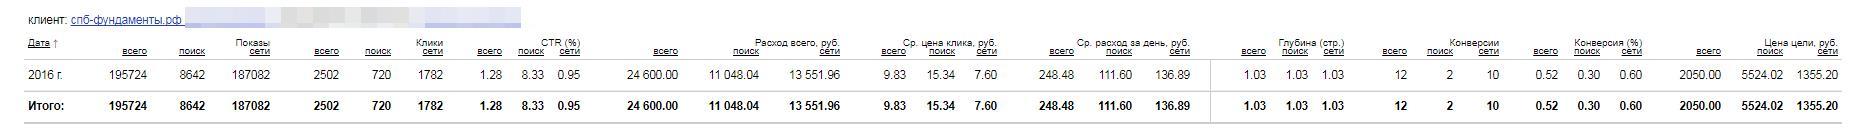 Рекламная кампания Яндекс.Директ для сайта спб-фундаменты.рф